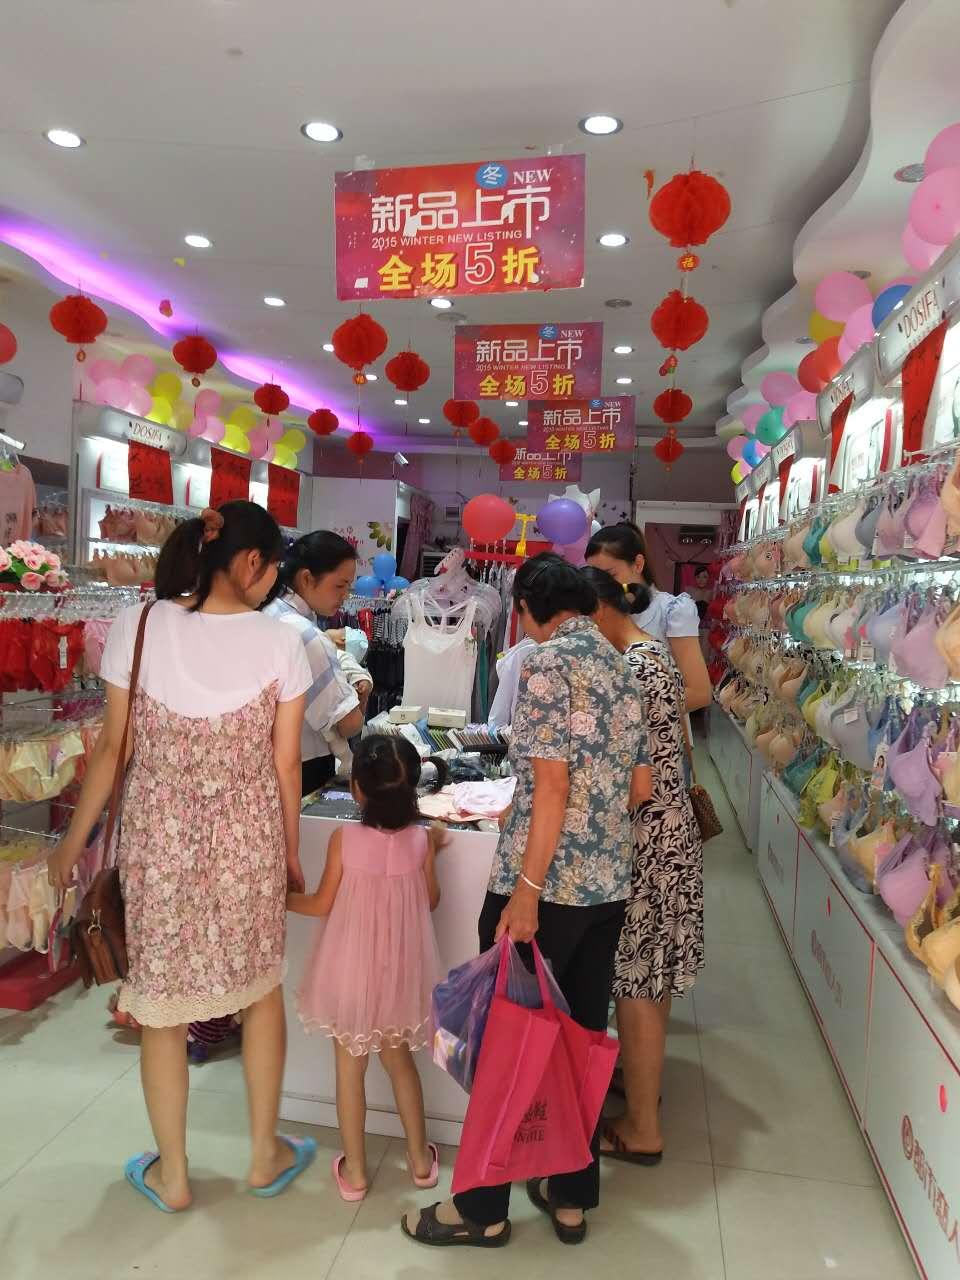 【湖南永州】号外号外热烈庆祝唐姐店周末活动高达6496!